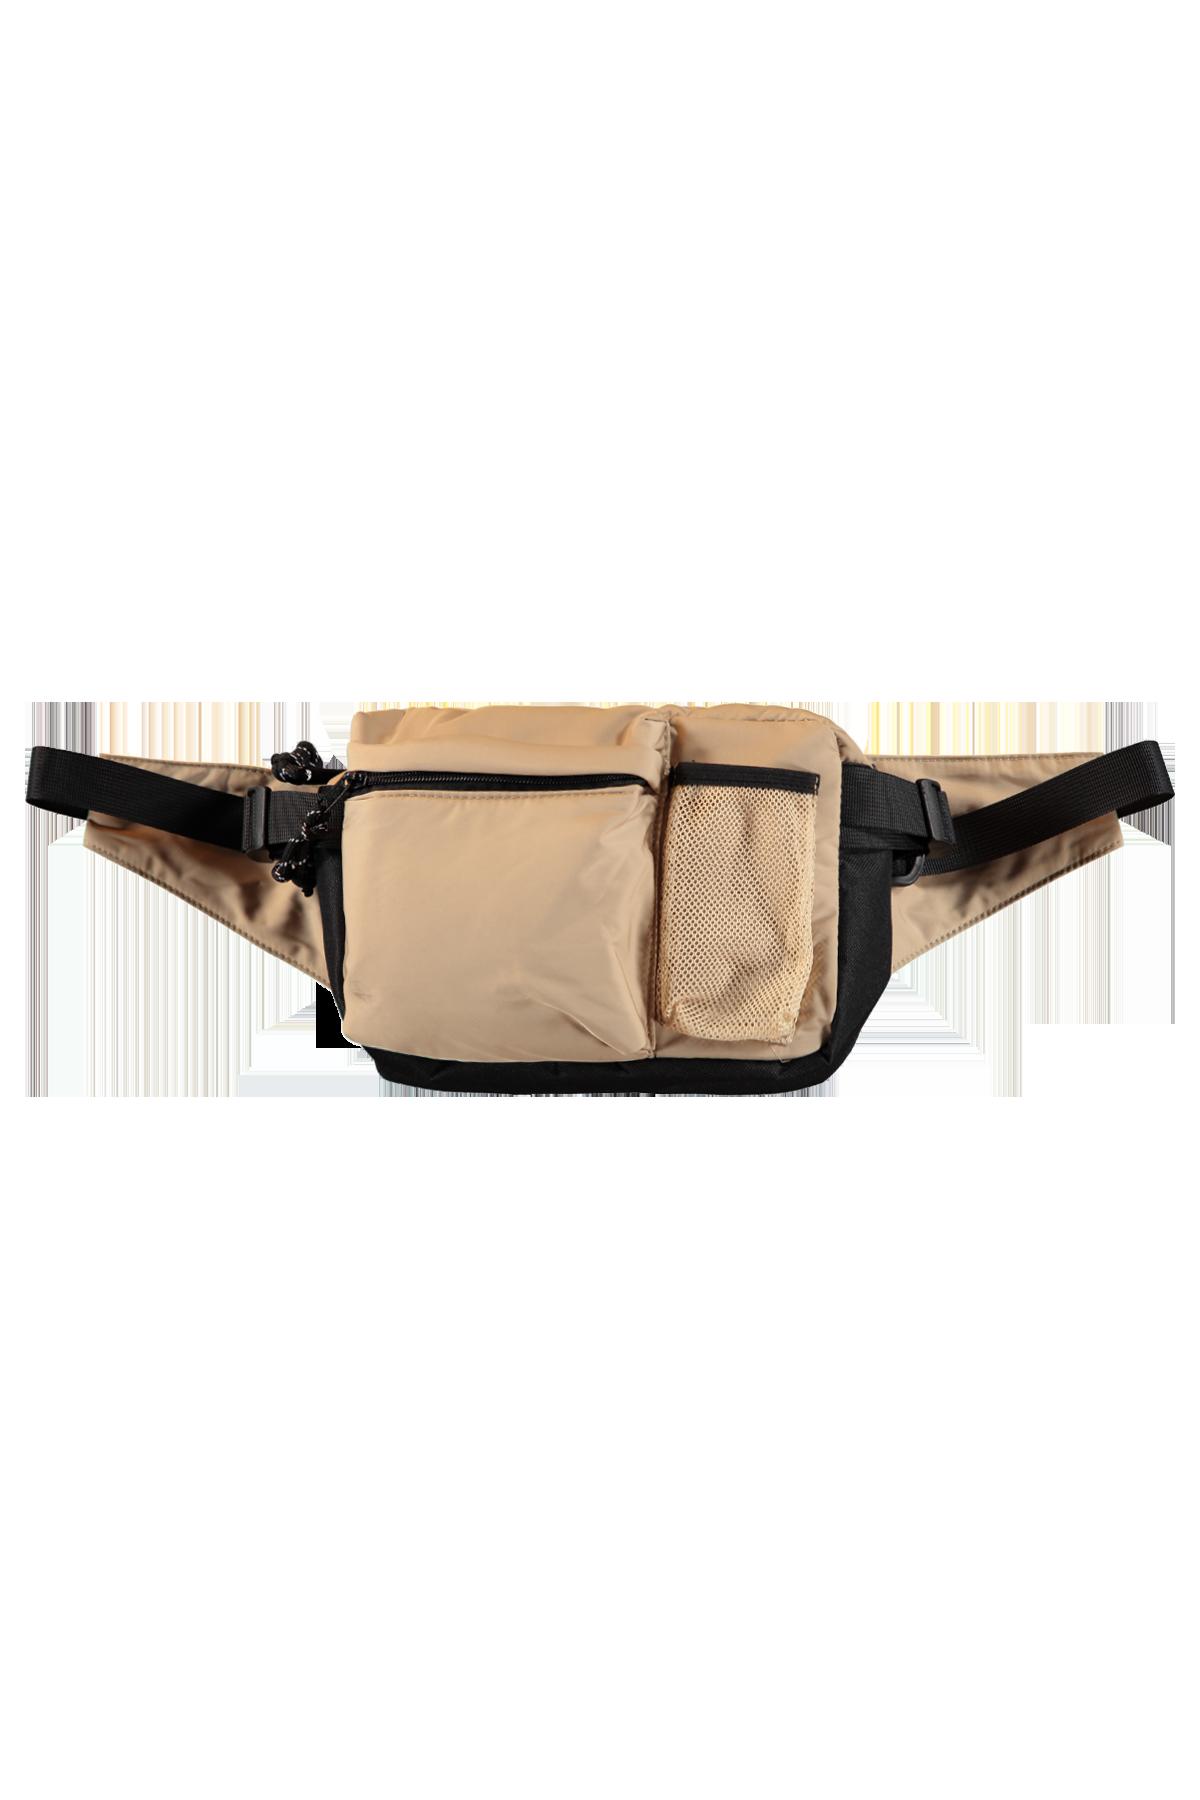 Heuptas Akron Military Bag